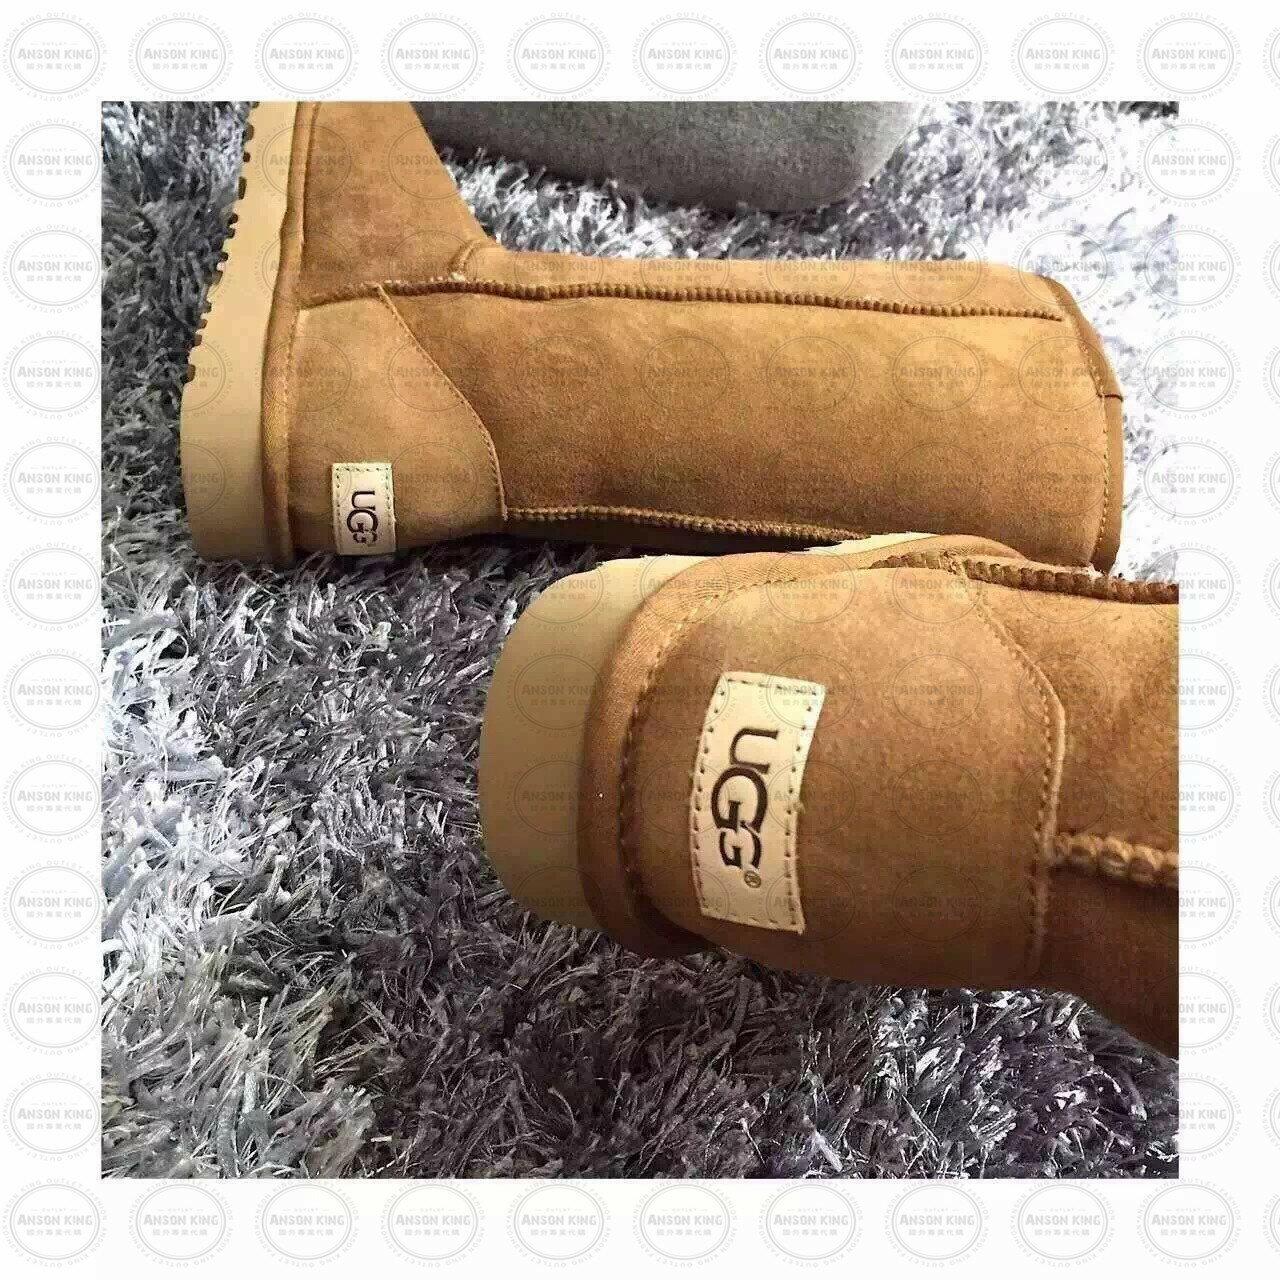 OUTLET正品代購 澳洲 UGG 經典女款羊皮毛一體雪靴 中長靴 保暖 真皮羊皮毛 雪靴 短靴 棕色 1